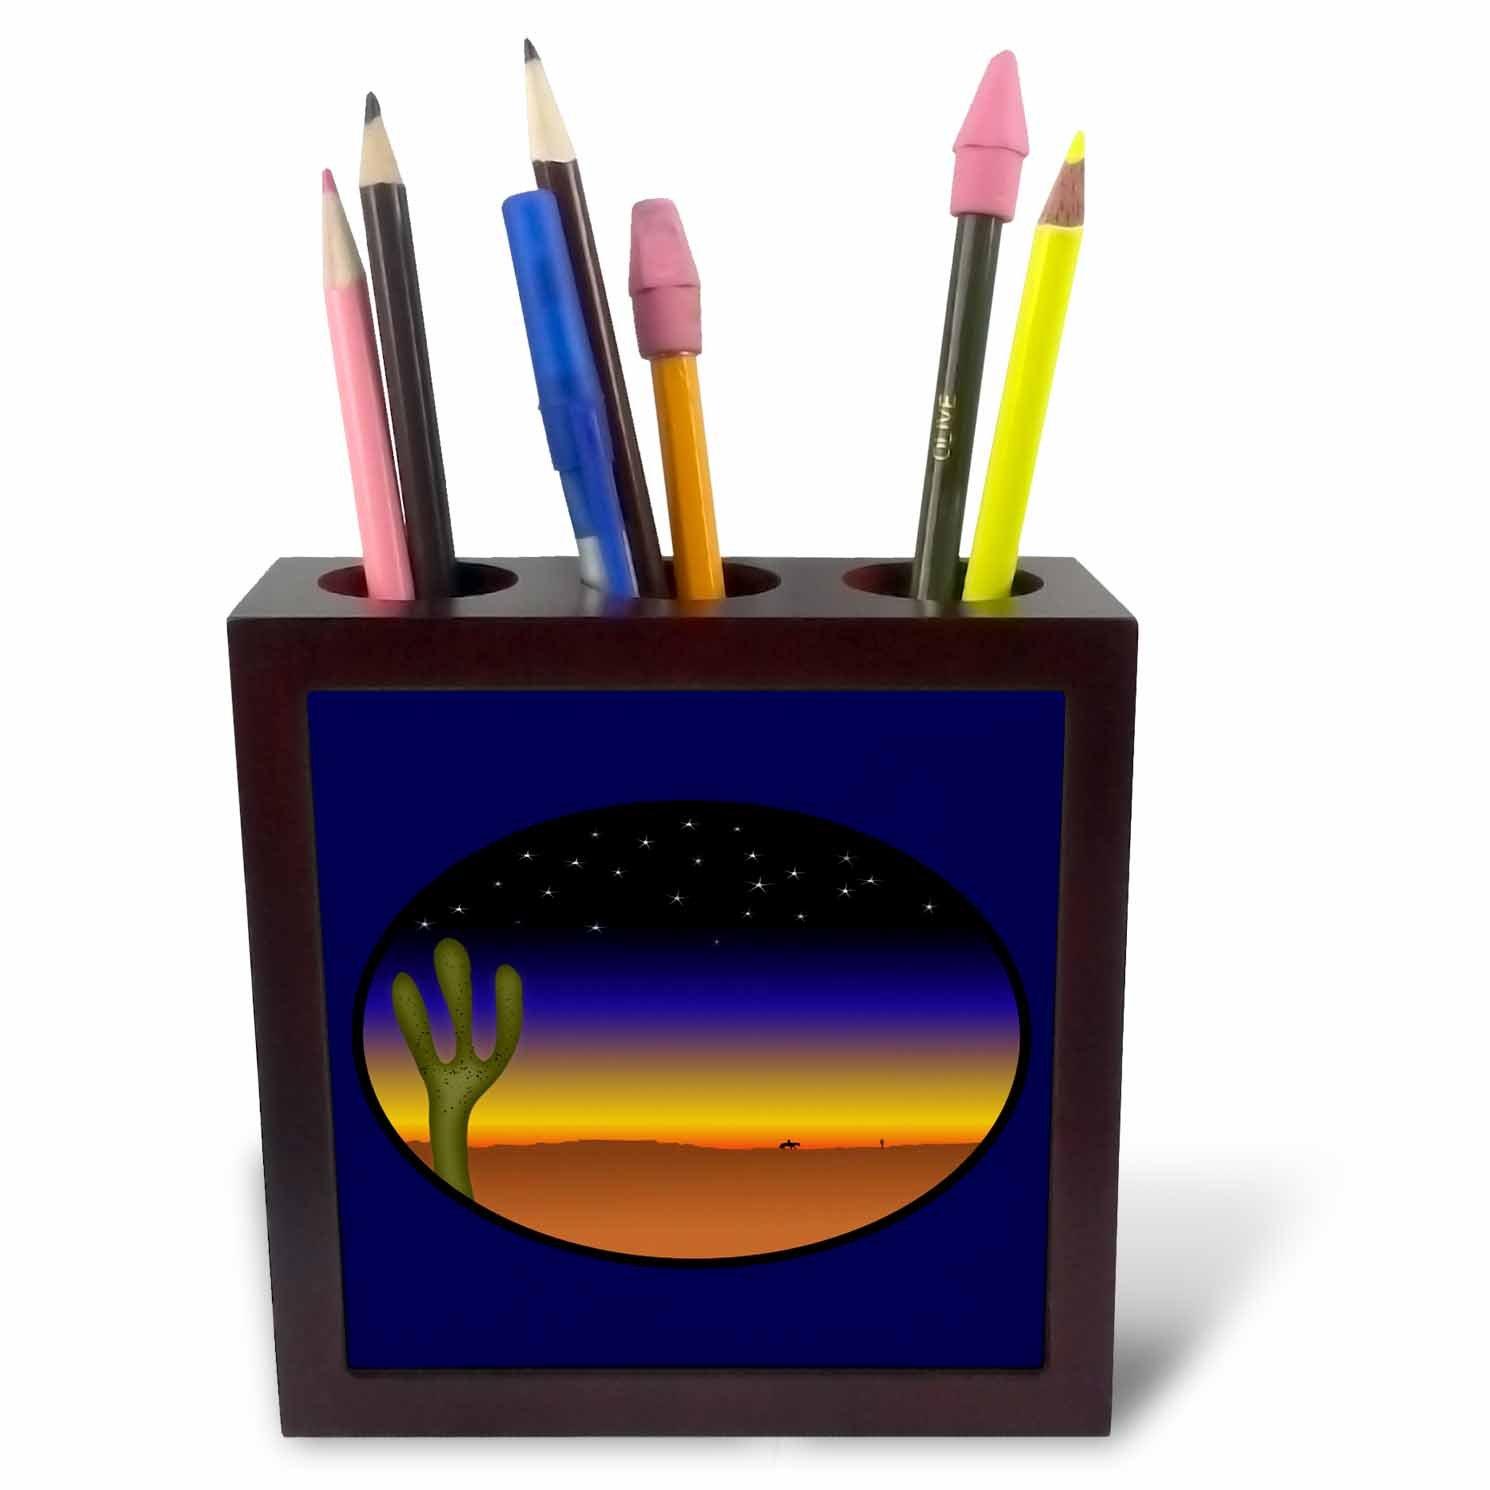 3dRose ph/_38917/_1 Oval Desert Scene on Navy Blue Tile Pen Holder 5-Inch